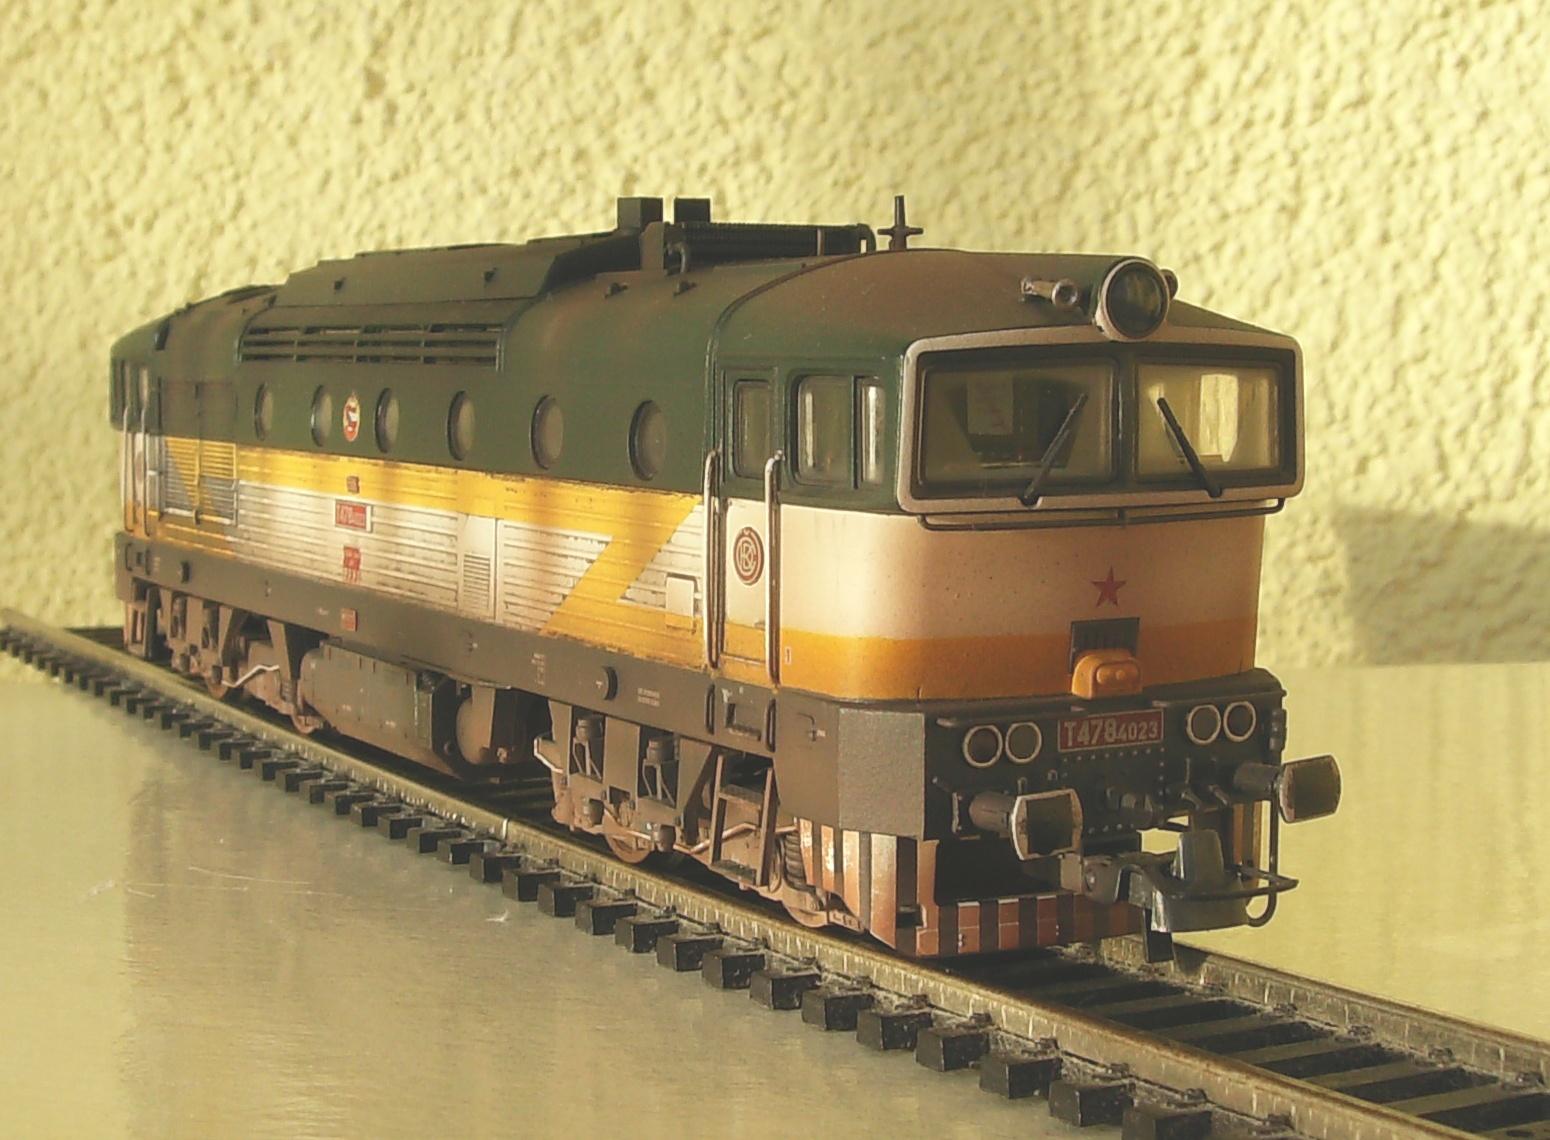 HPIM9454.JPG